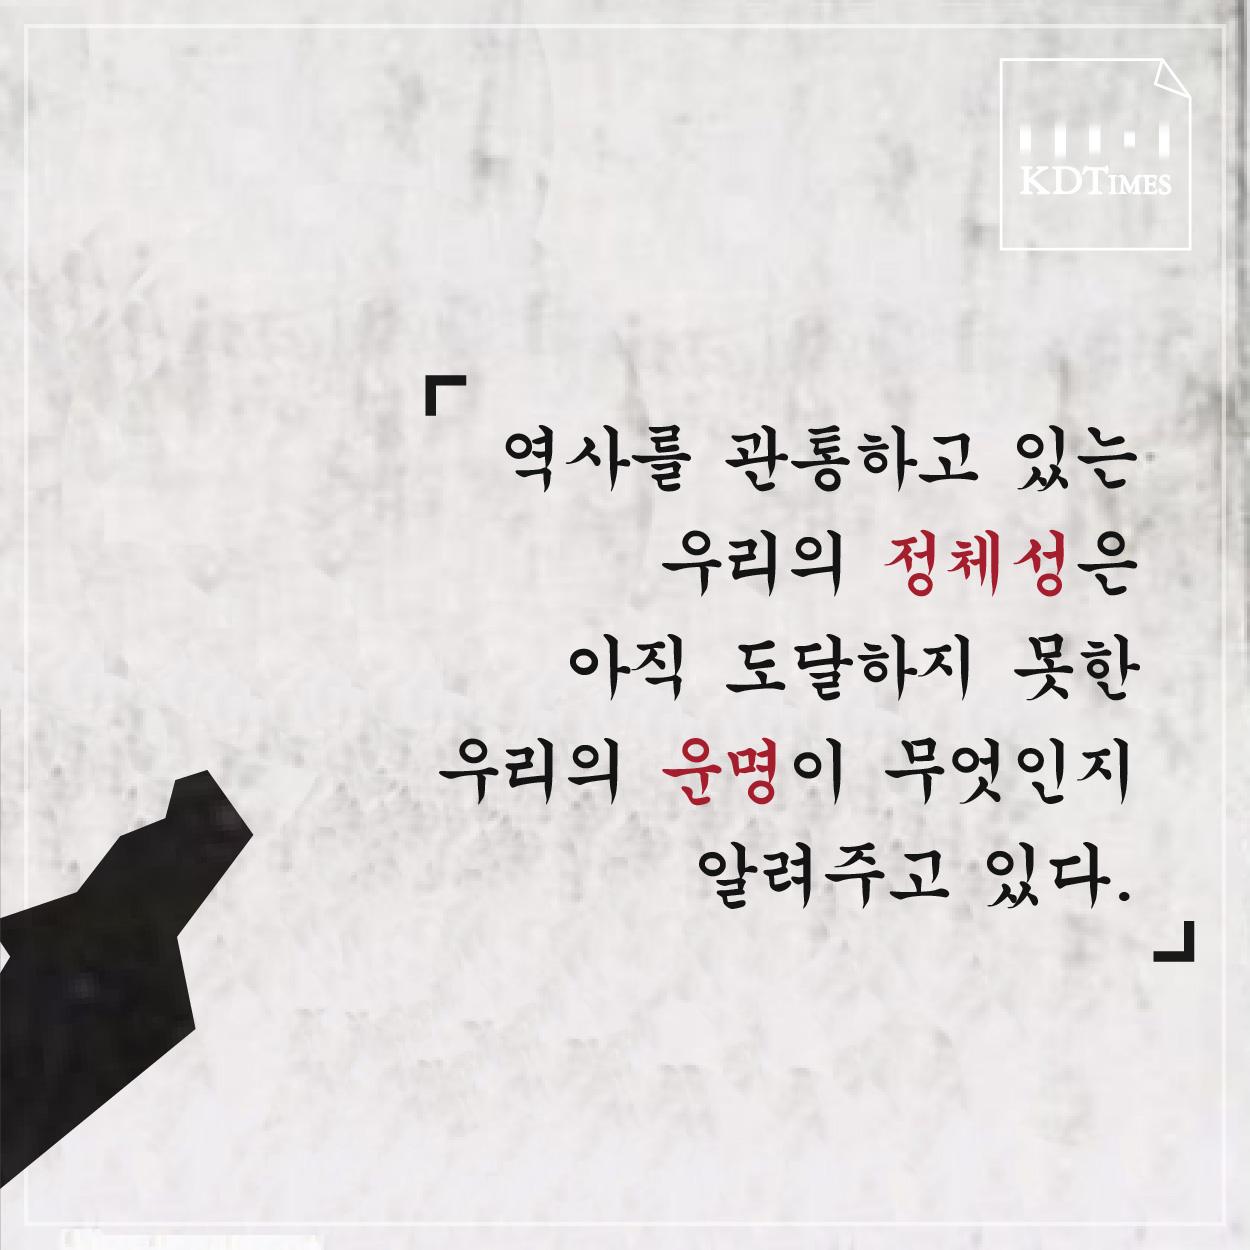 180327 김구의코리안드림-07.jpg